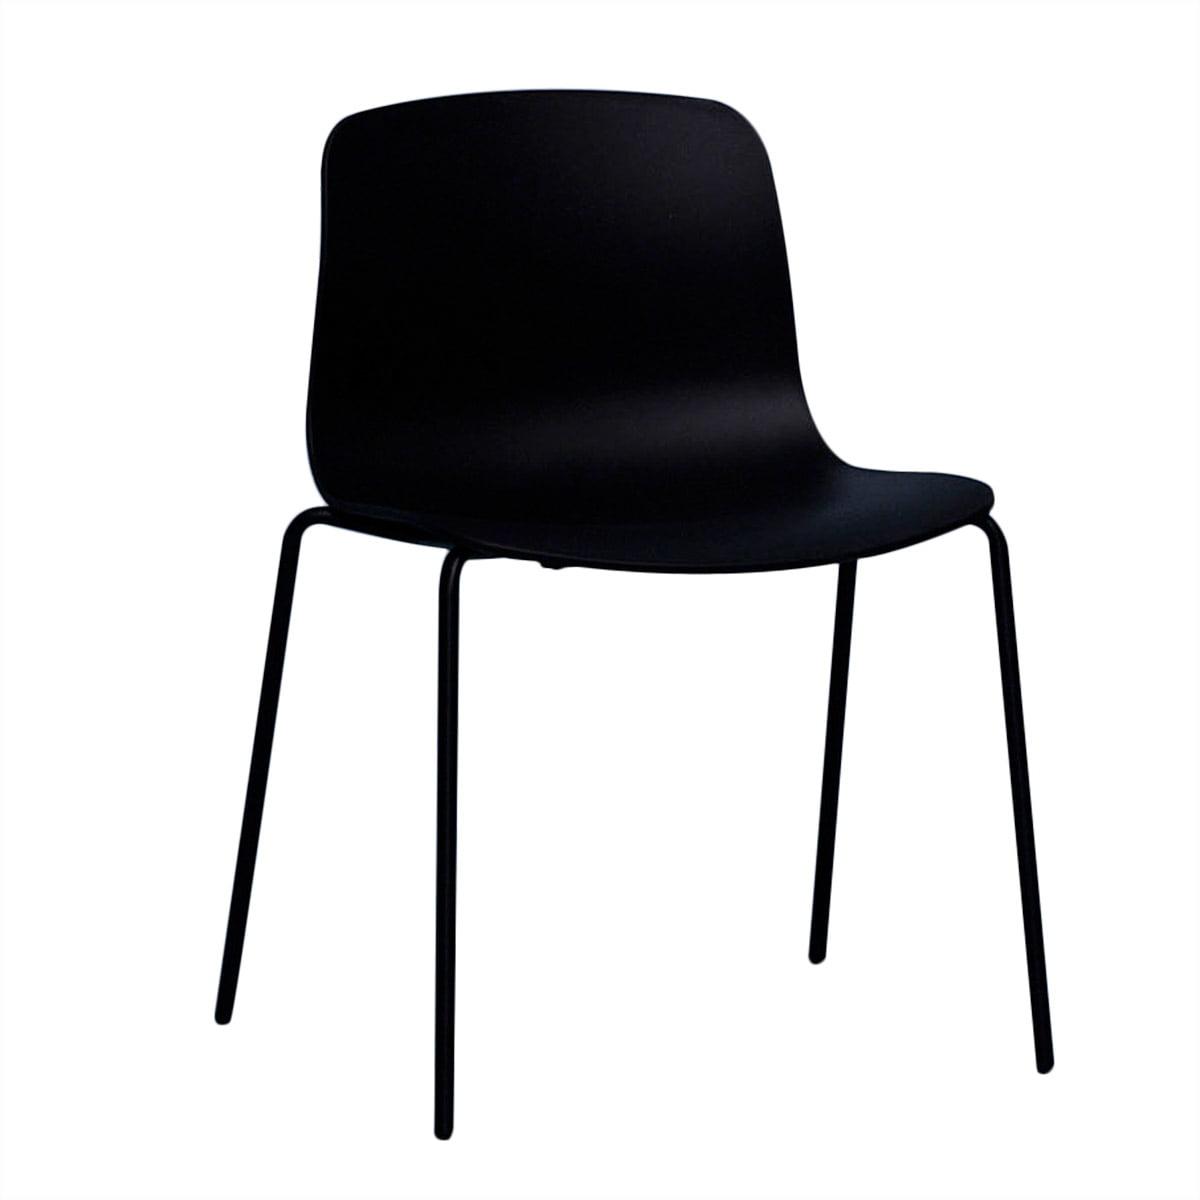 Hay Chaise About A Chaise AAC 16, tube en acier noir noir, patins en feutre